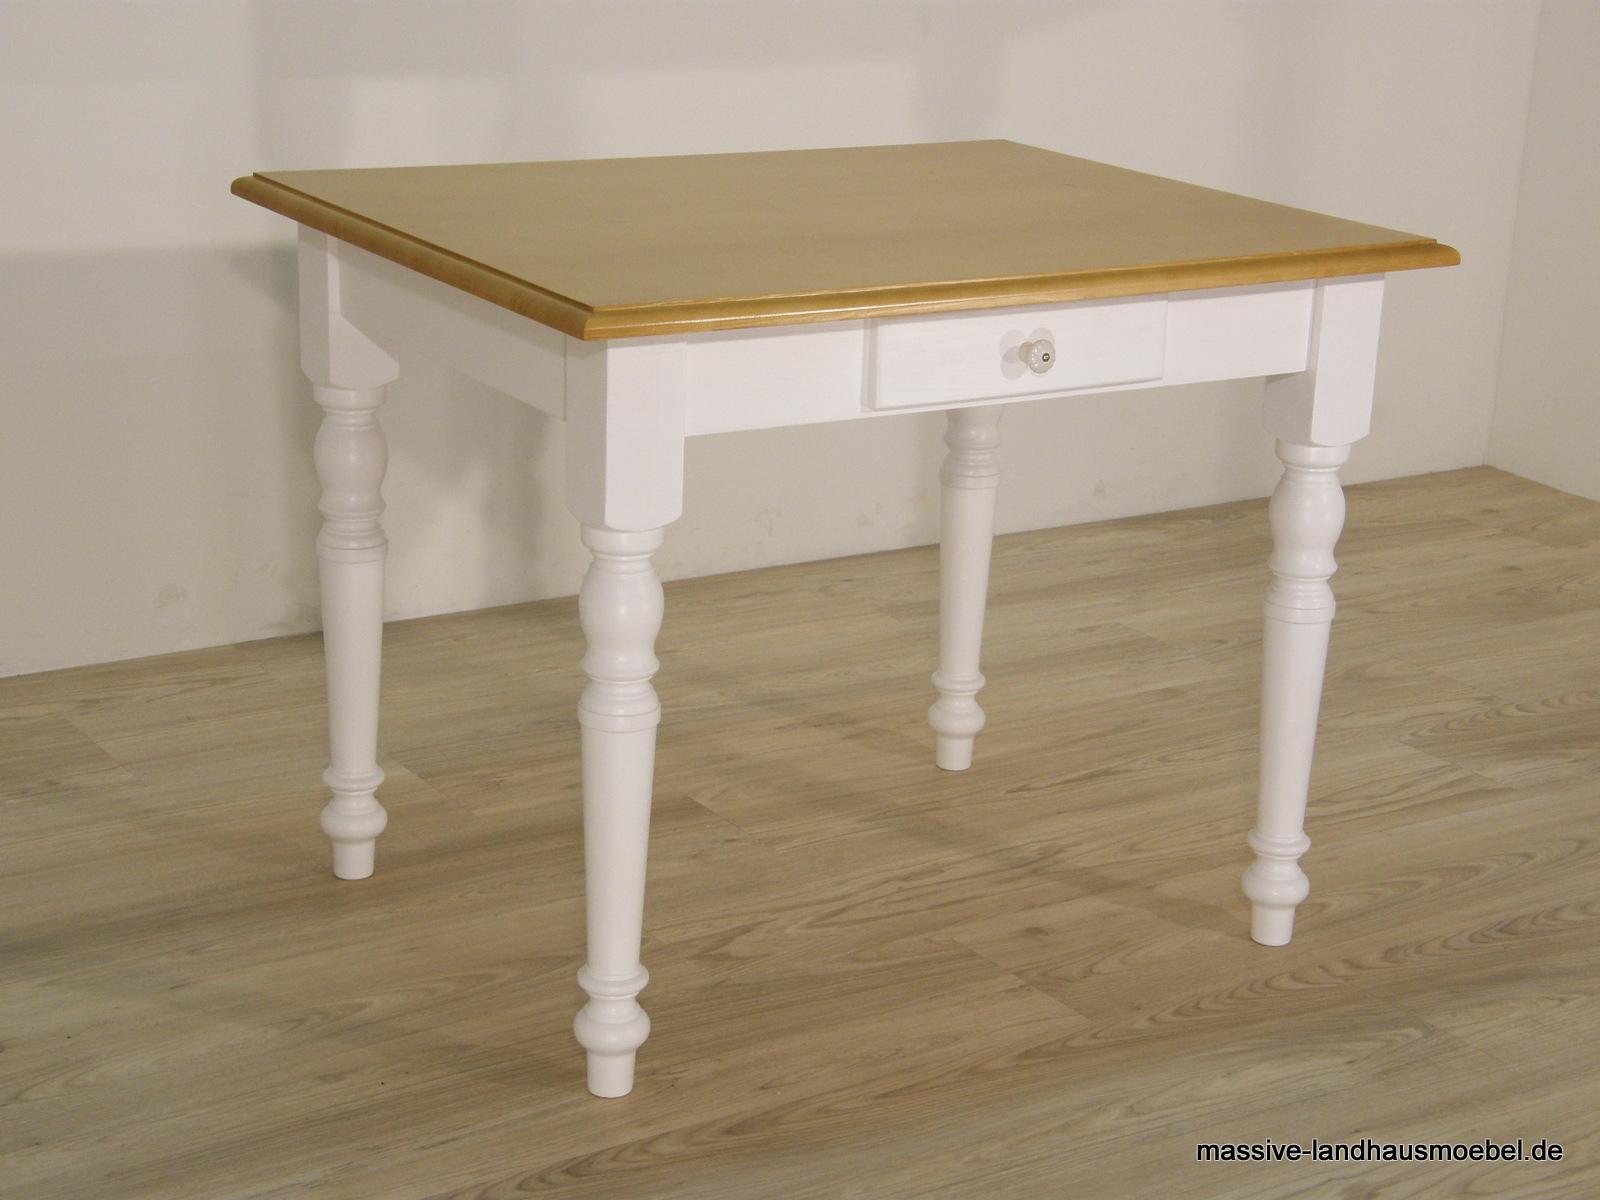 Massive Landhausmöbel 138 Tisch Weiß Honig